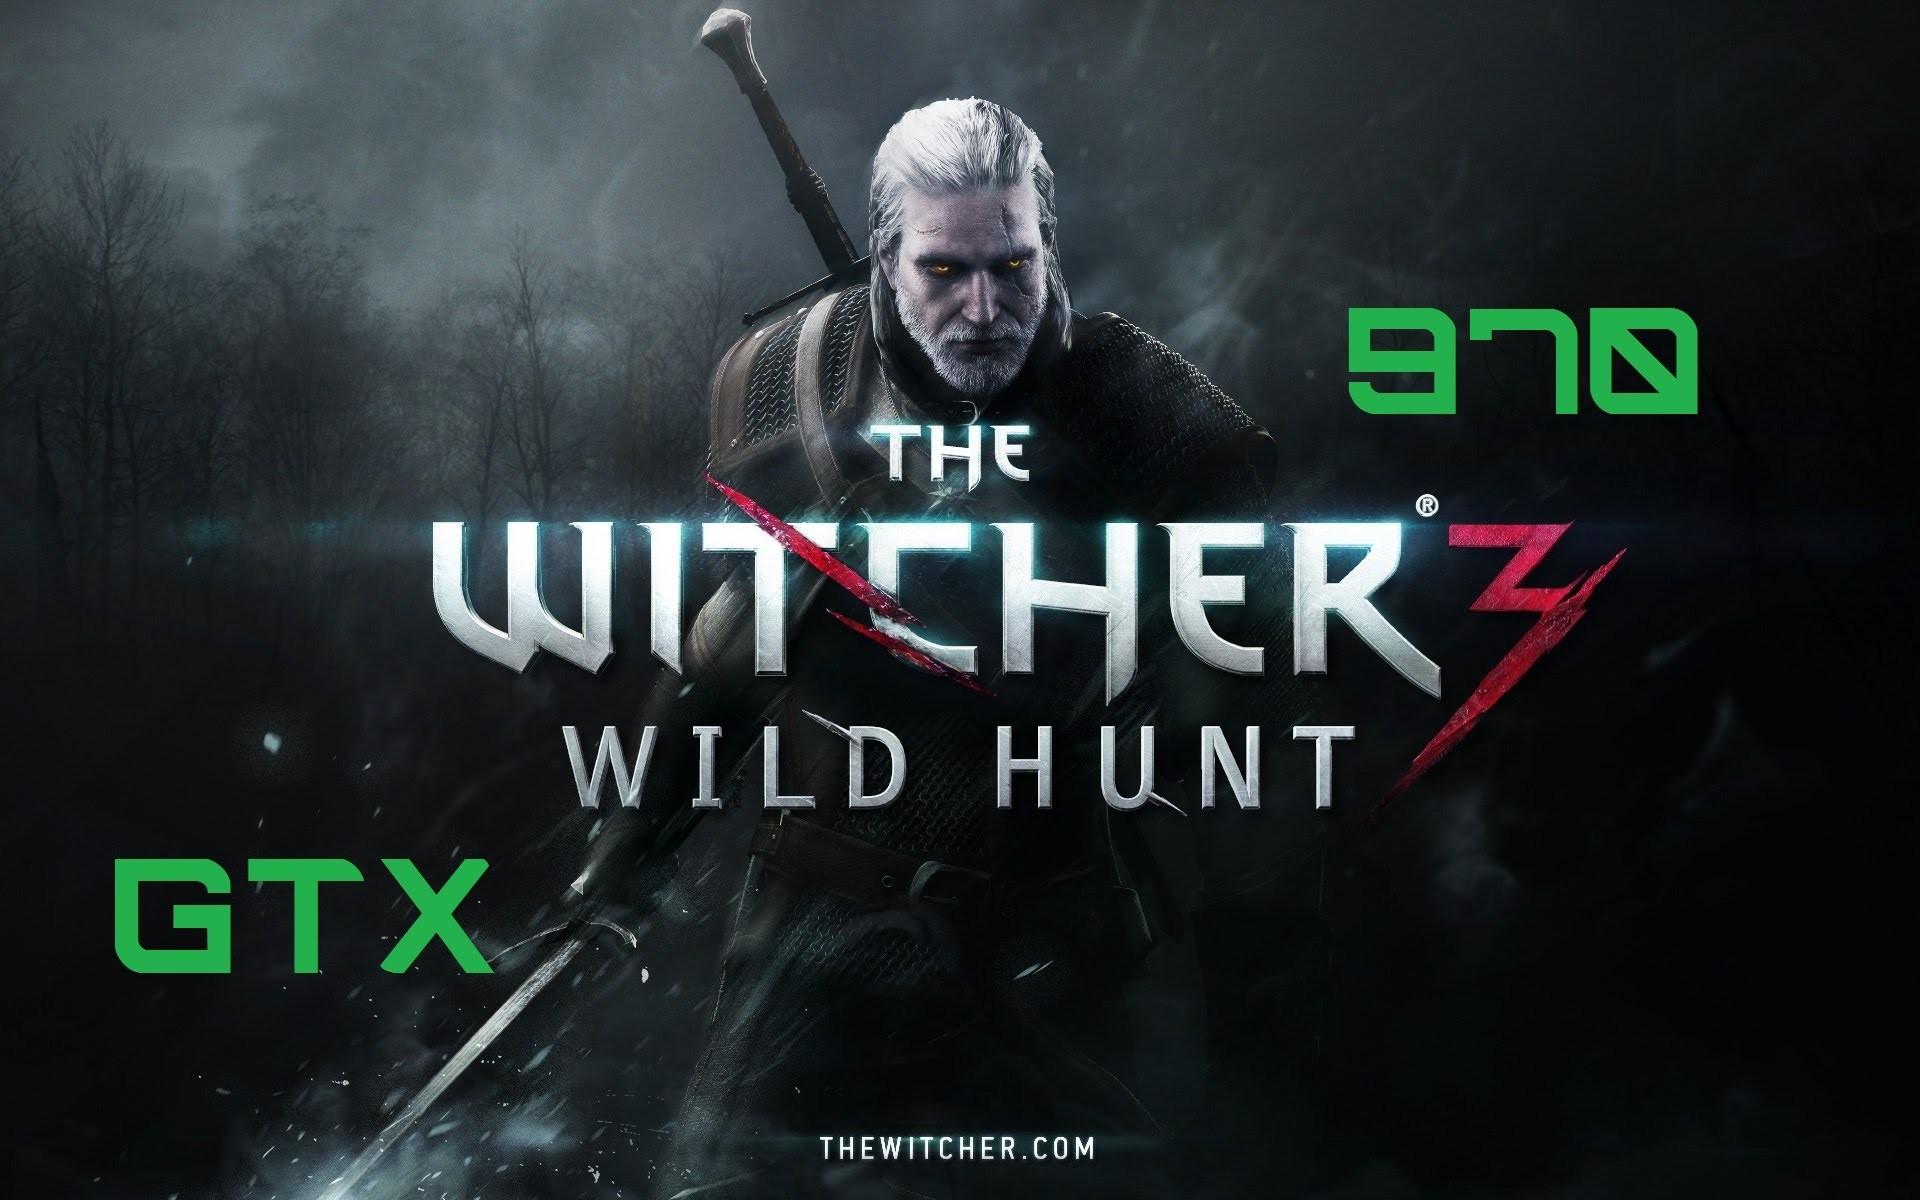 The Witcher 3 GTX 970/AMD FX 9370 @5.0 2k Gameplay (Test)HD